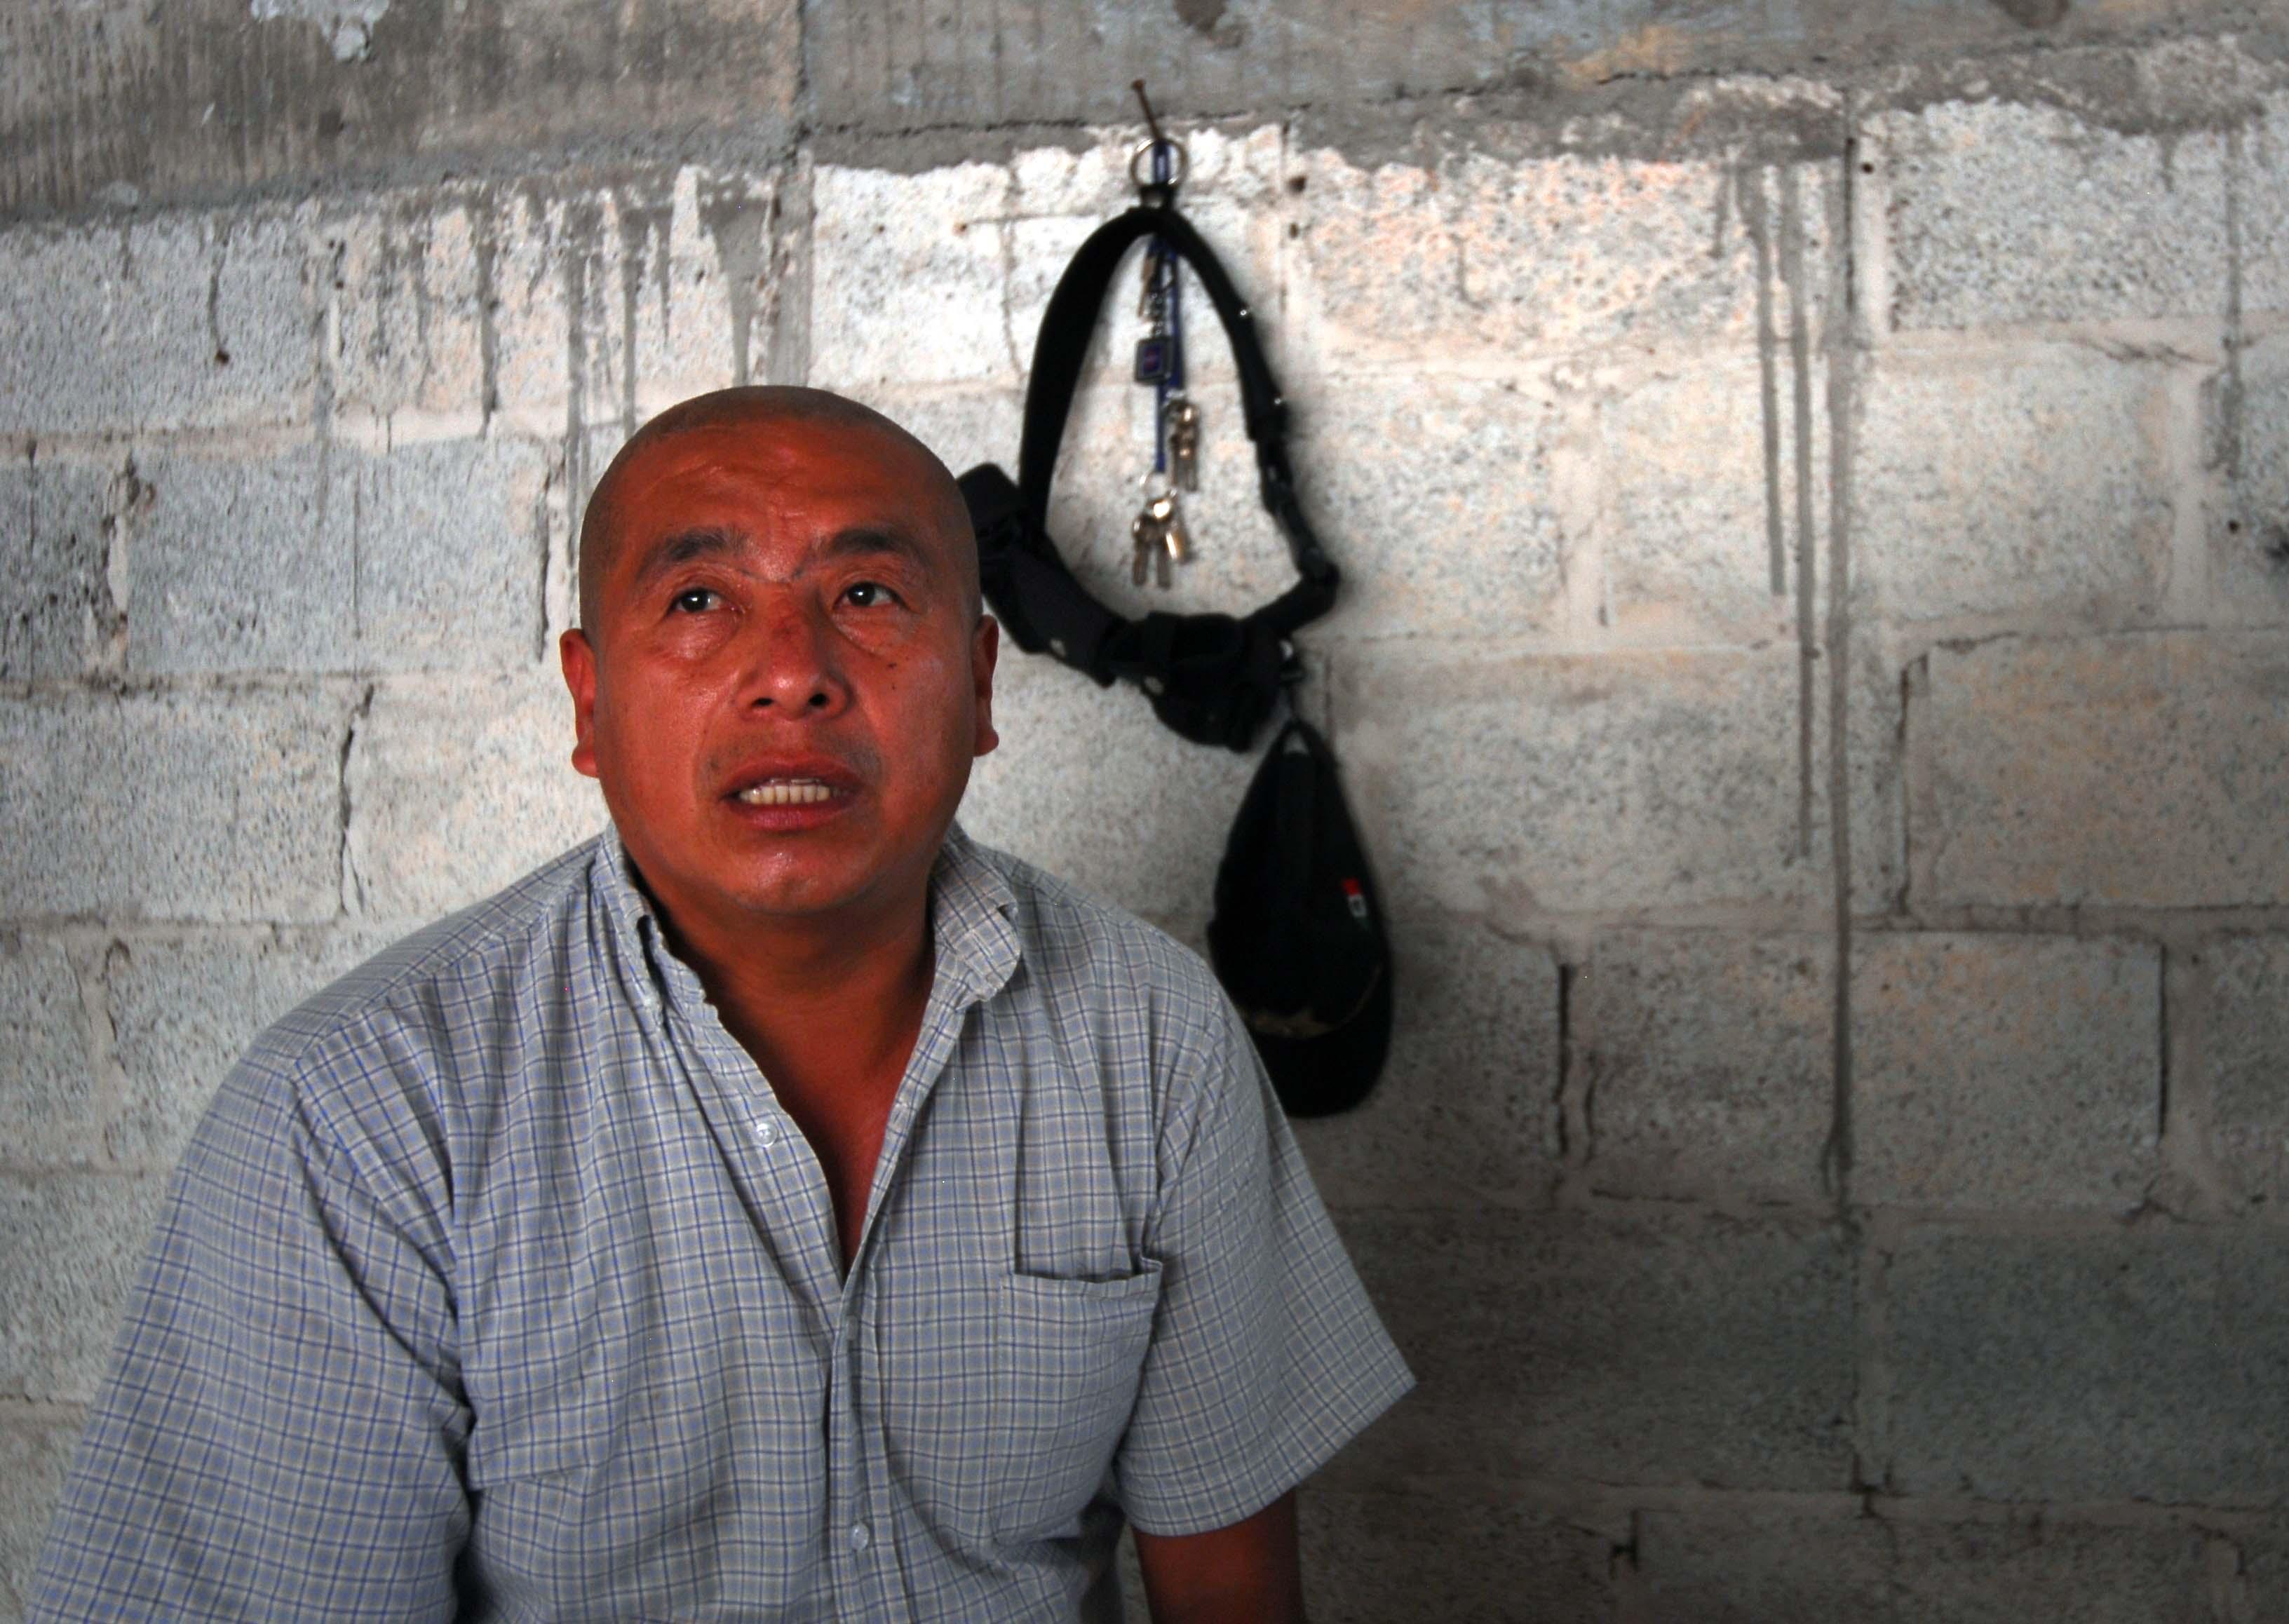 No querían desaforar al alcalde de Coxquihui por miedo: Maryjose